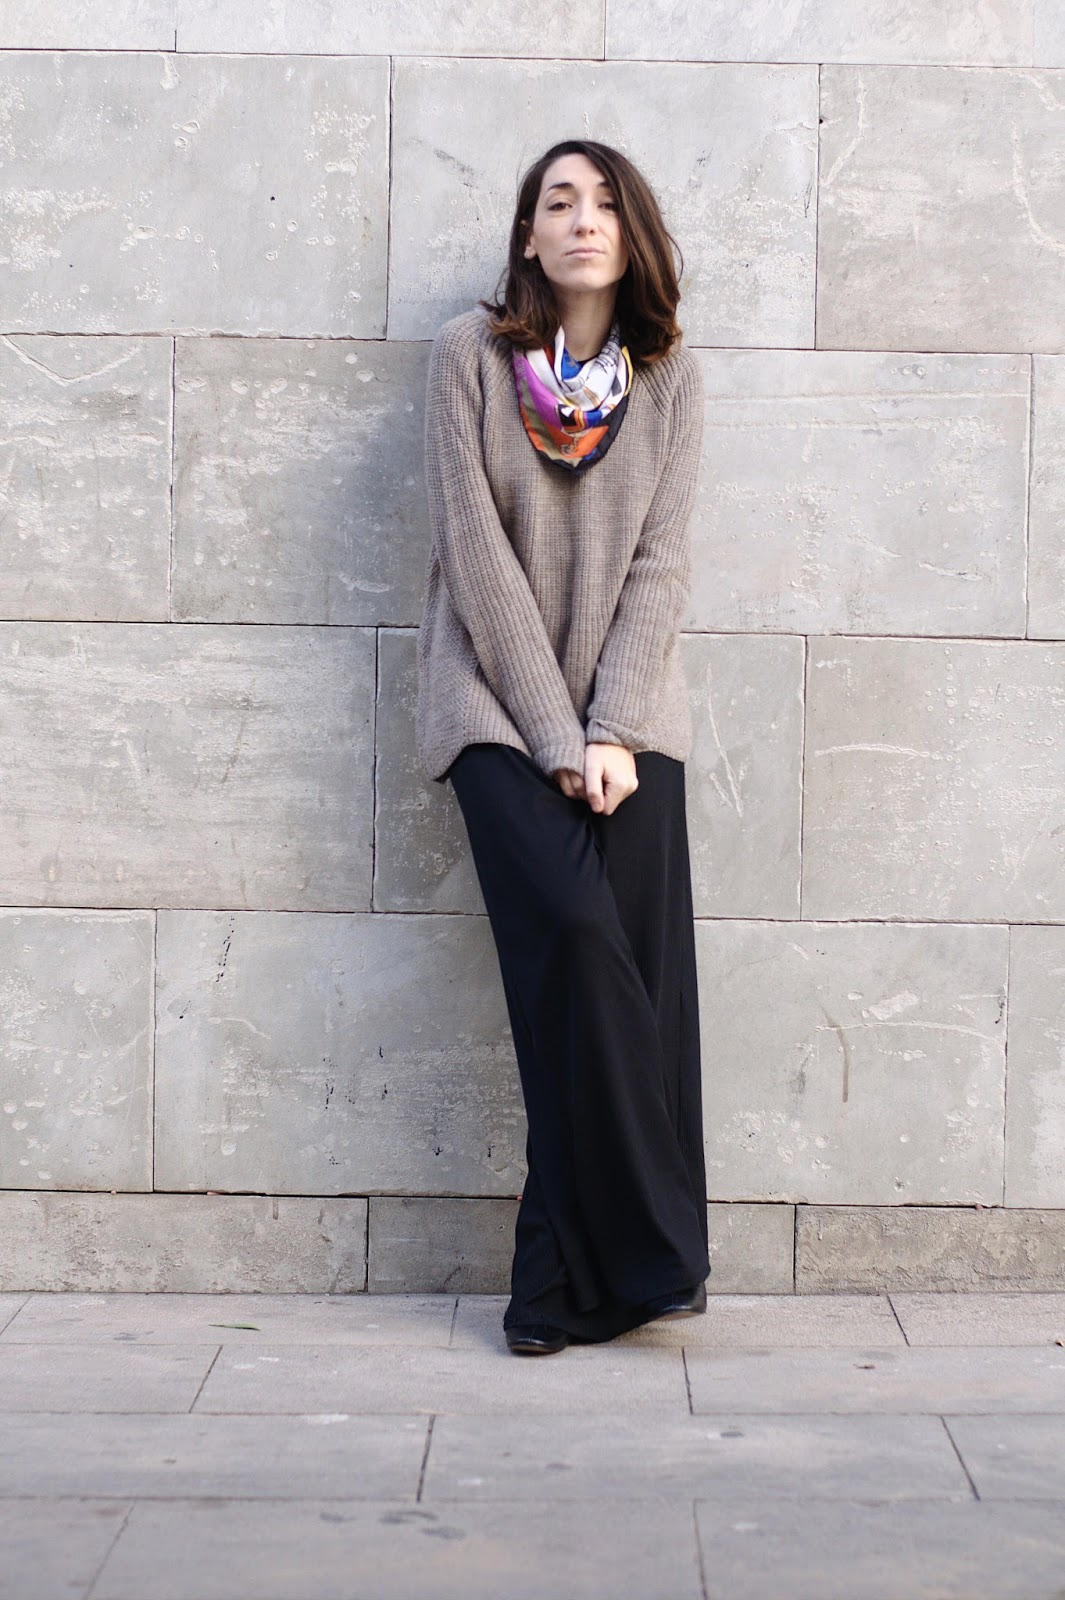 Pantalones HM, jersey Mango, boteines Zara